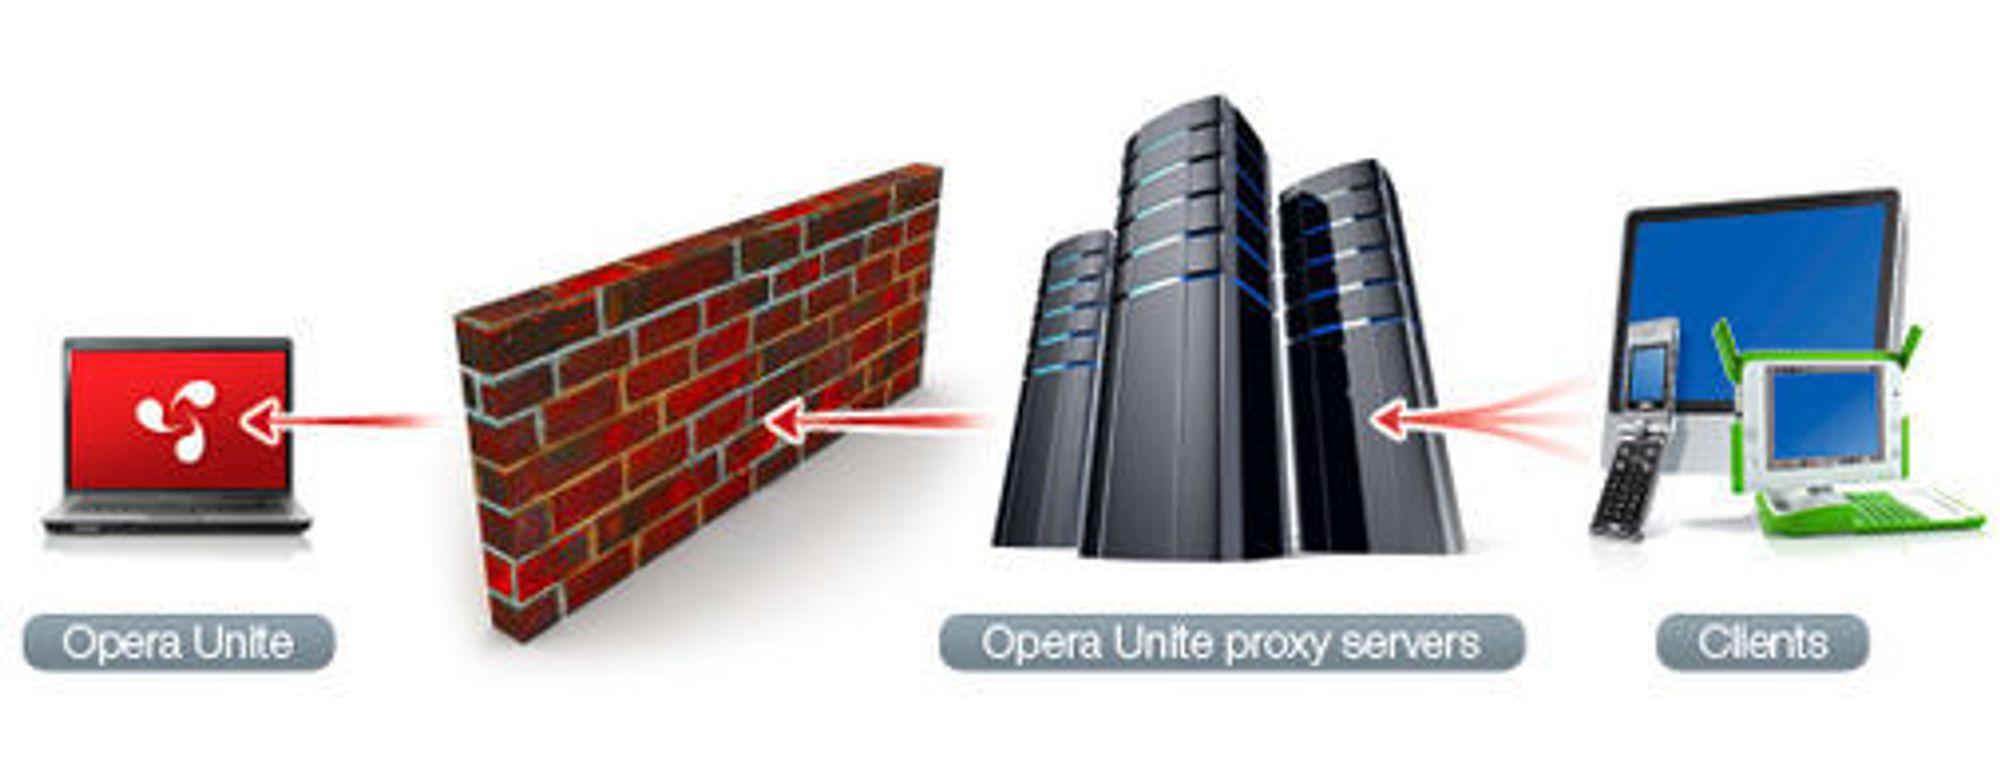 Opera Unite kan sende dataene via en proxyserver hos Opera Software, eller direkte mellom brukerne, dersom brukerens ruter støtter dette.